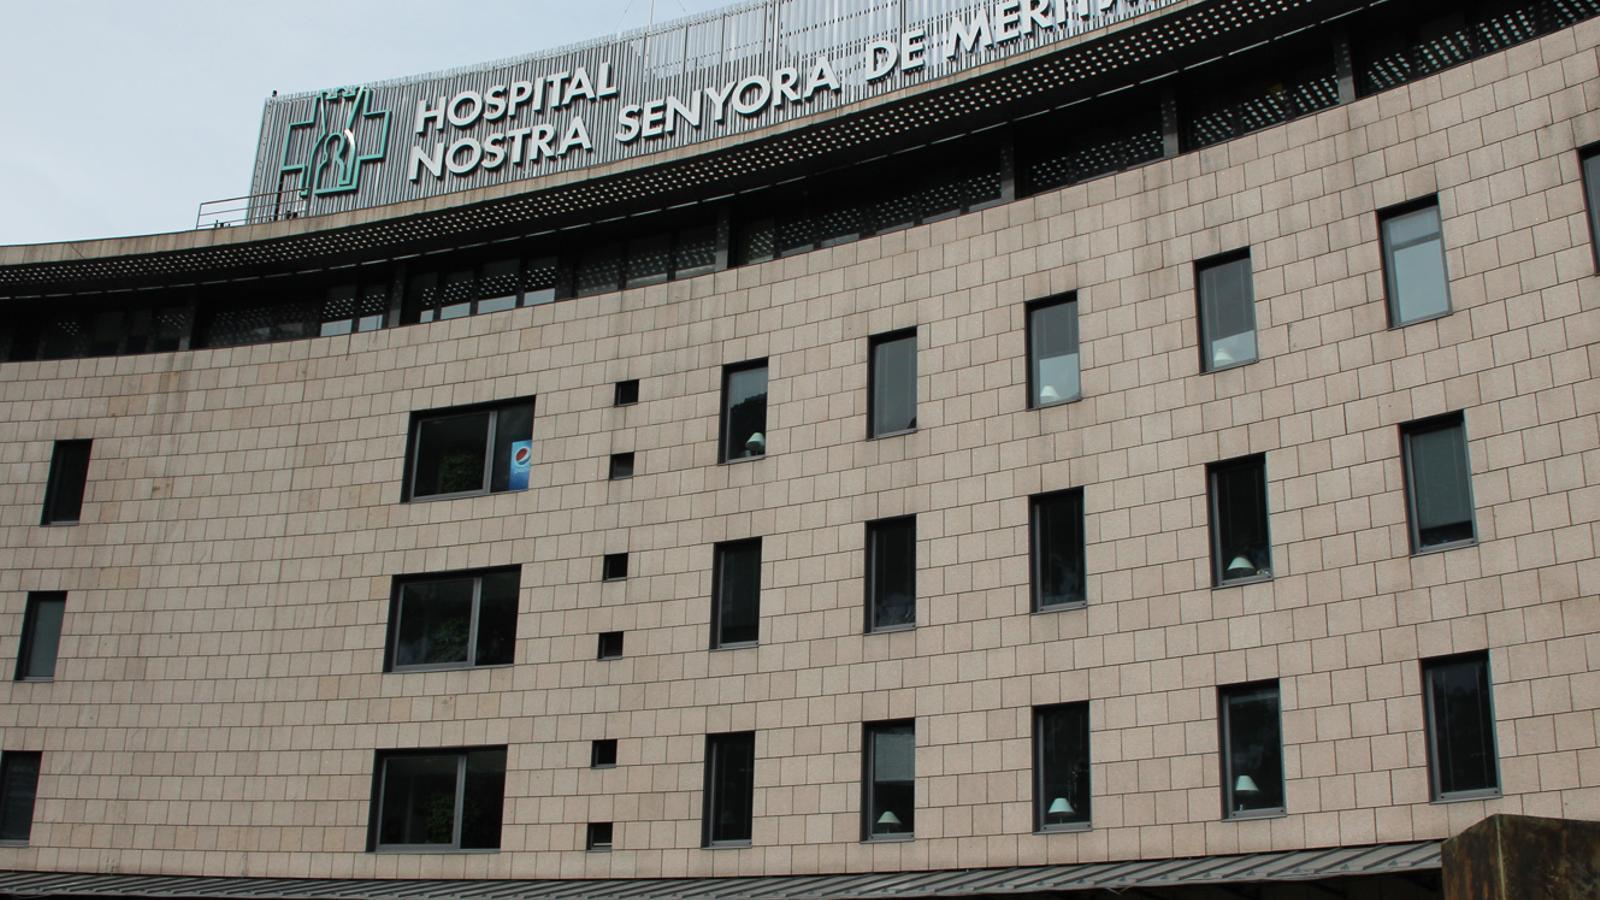 L'hospital Nostra Senyora de Meritxell. / ARXIU ANA